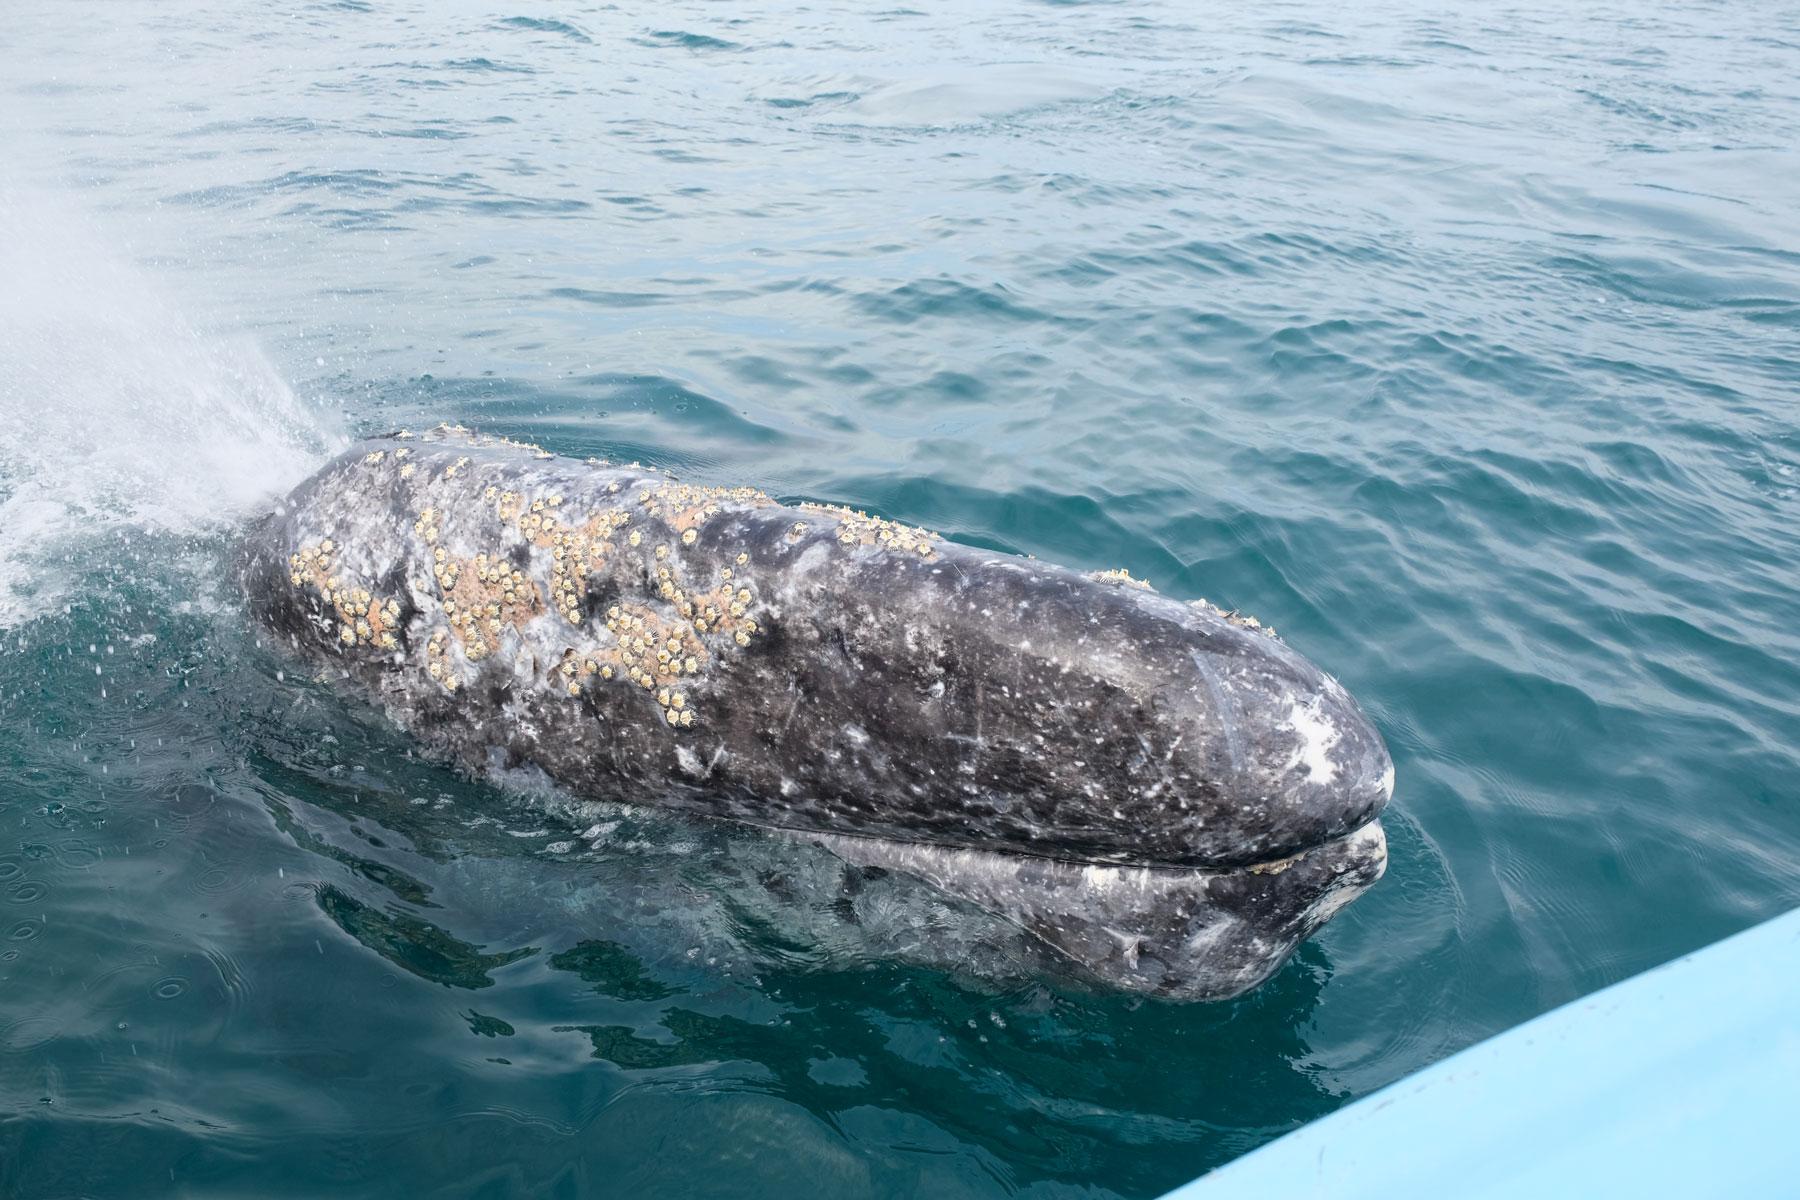 Ein Grauwal taucht in der Lagune Guerrero Negro in Mexiko genau neben unserem Boot auf.